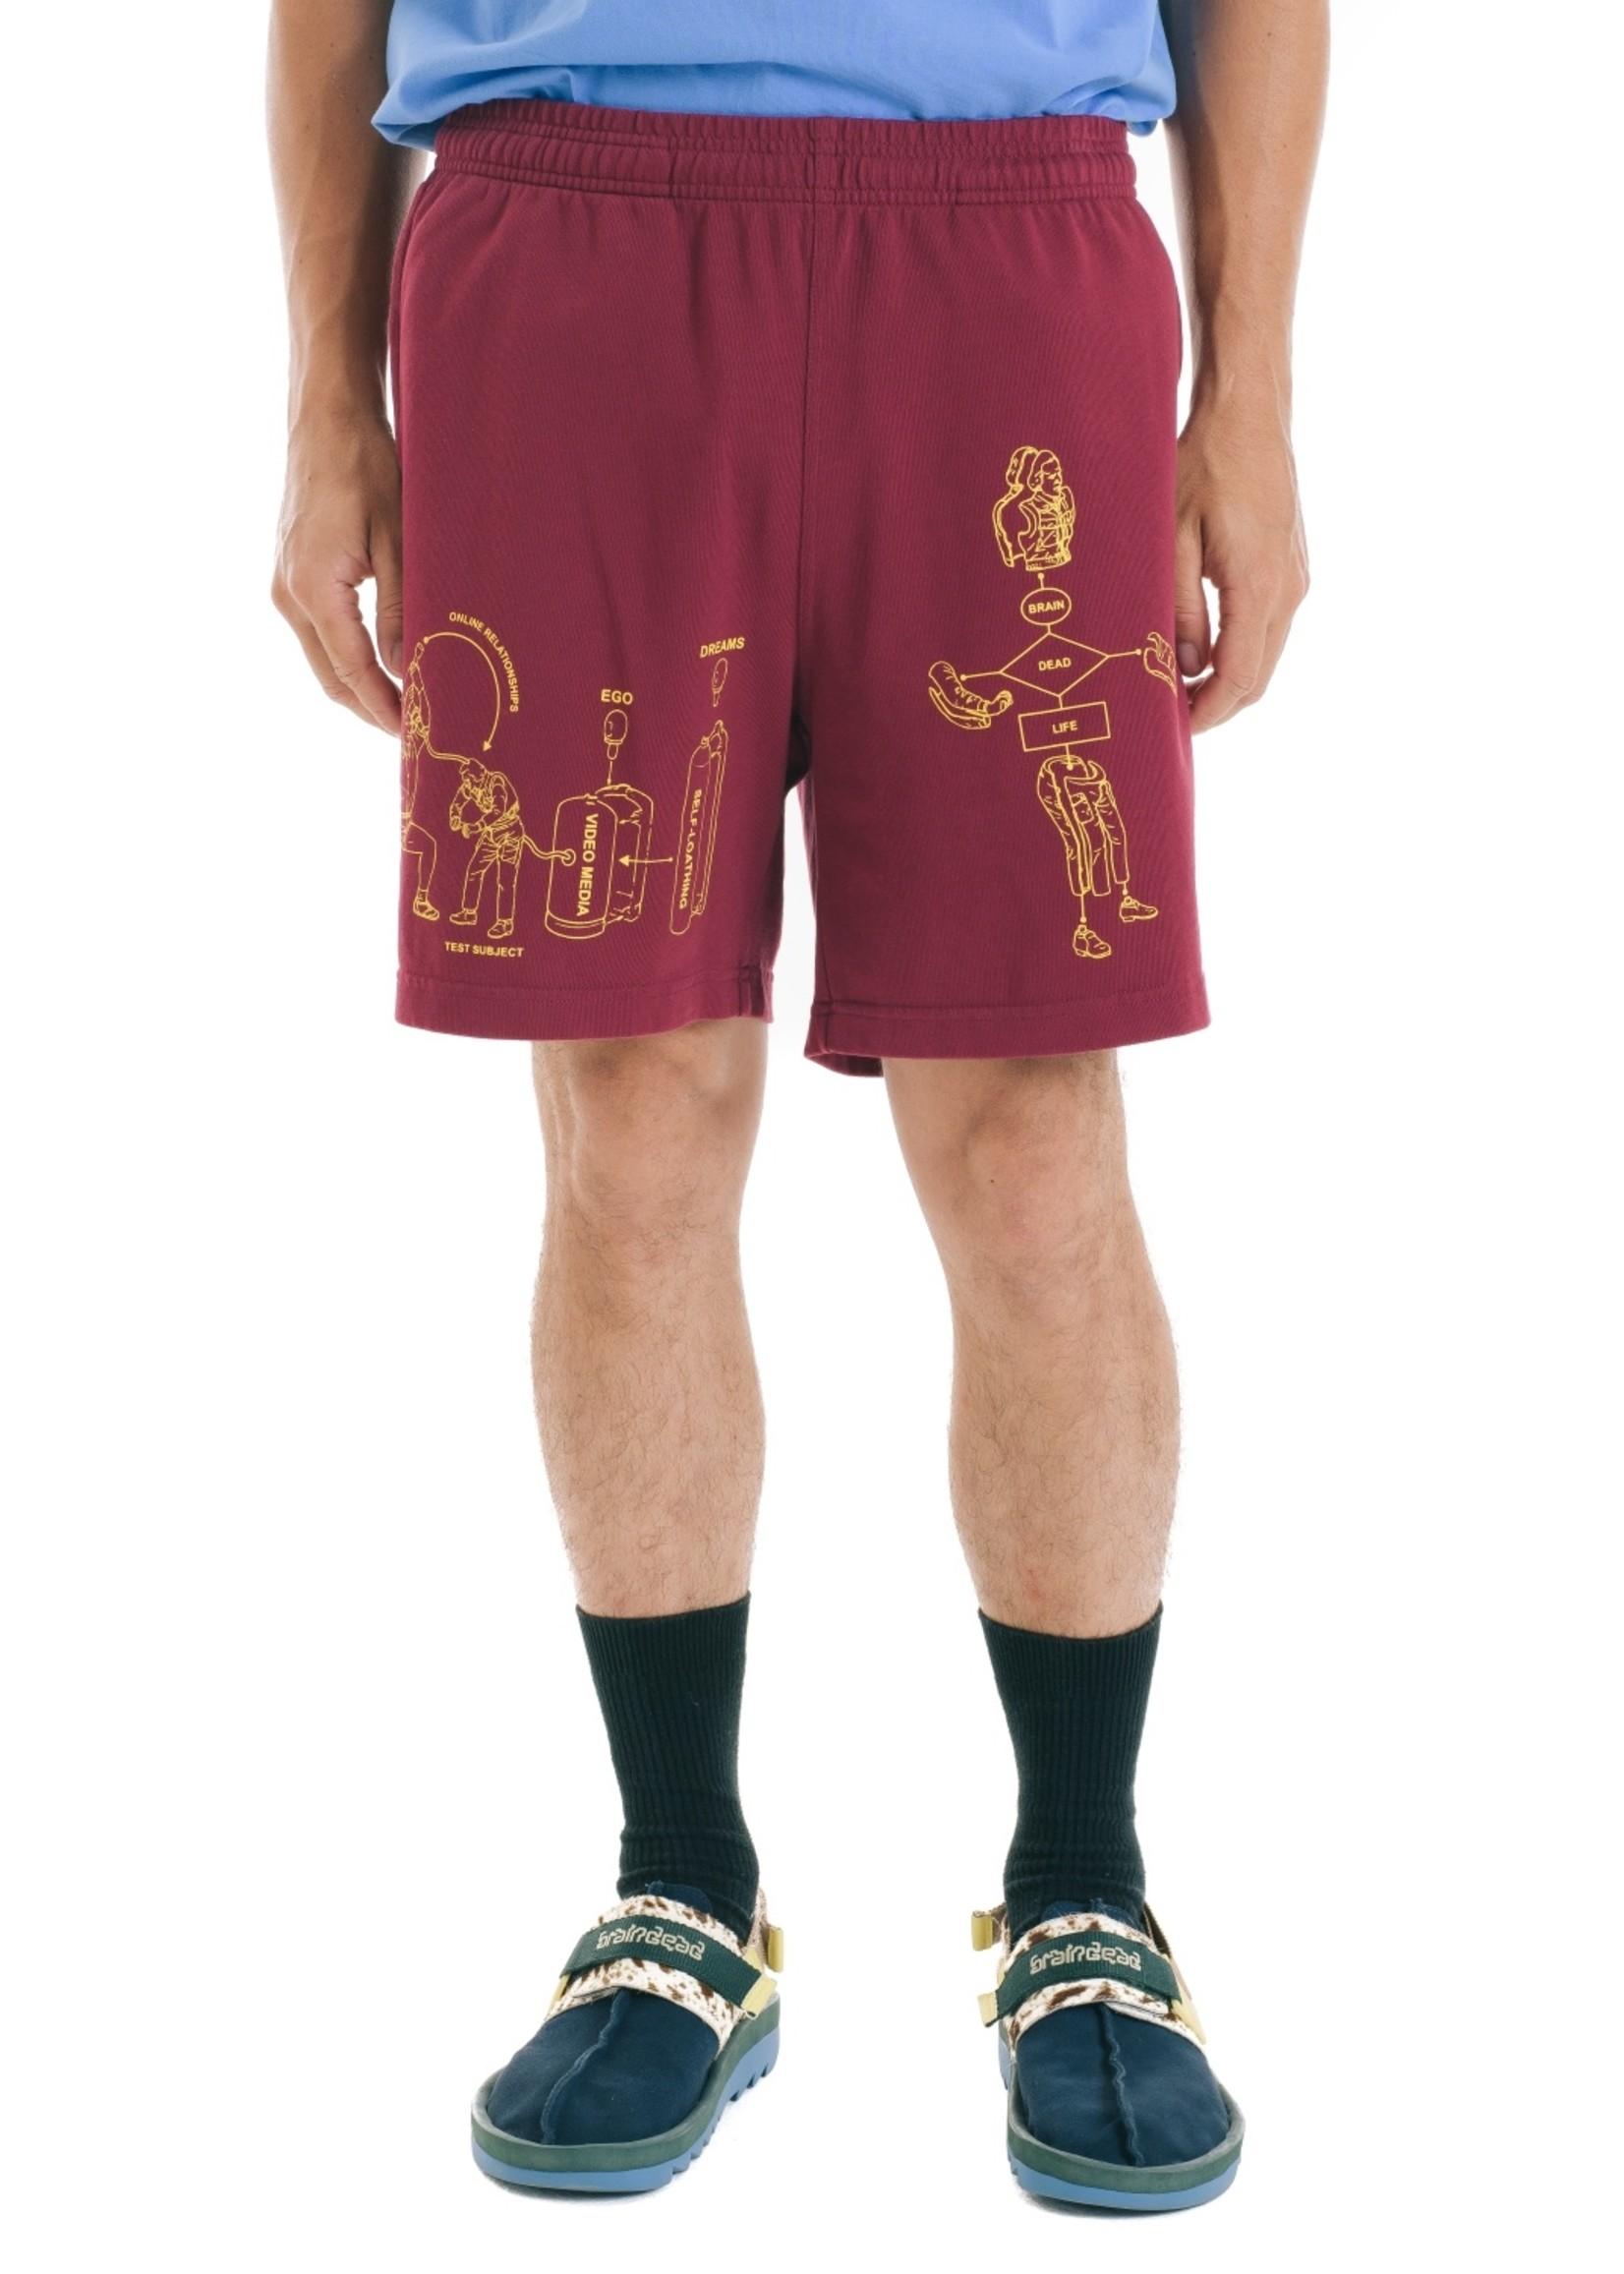 Brain Dead Tutorials Shorts in Burgundy